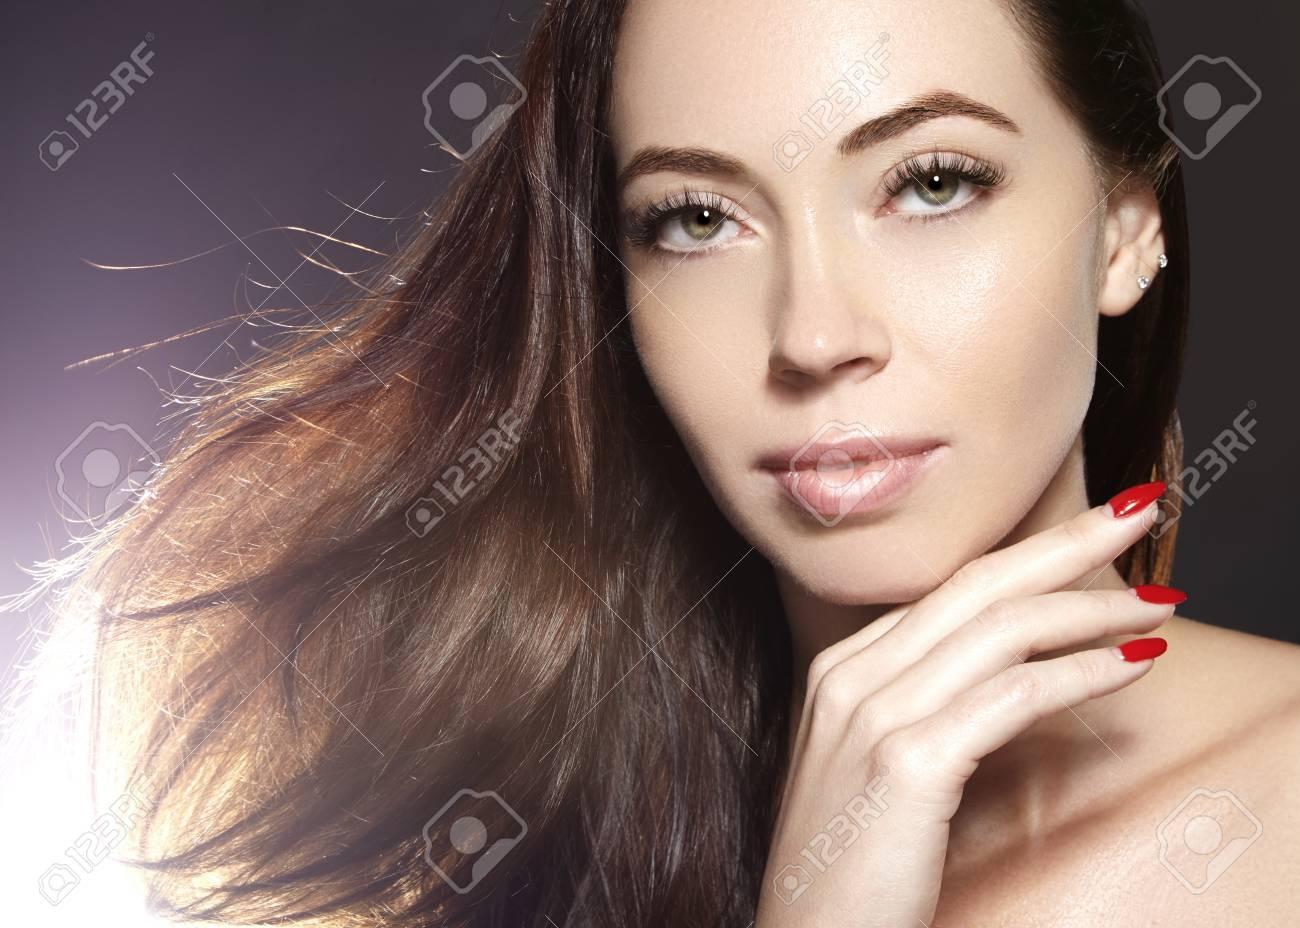 Modelo De Mujer Joven Hermosa Con El Pelo De Color Marrón De Vuelo. Retrato  De Belleza Con La Piel Limpia 764c10f1bb2a